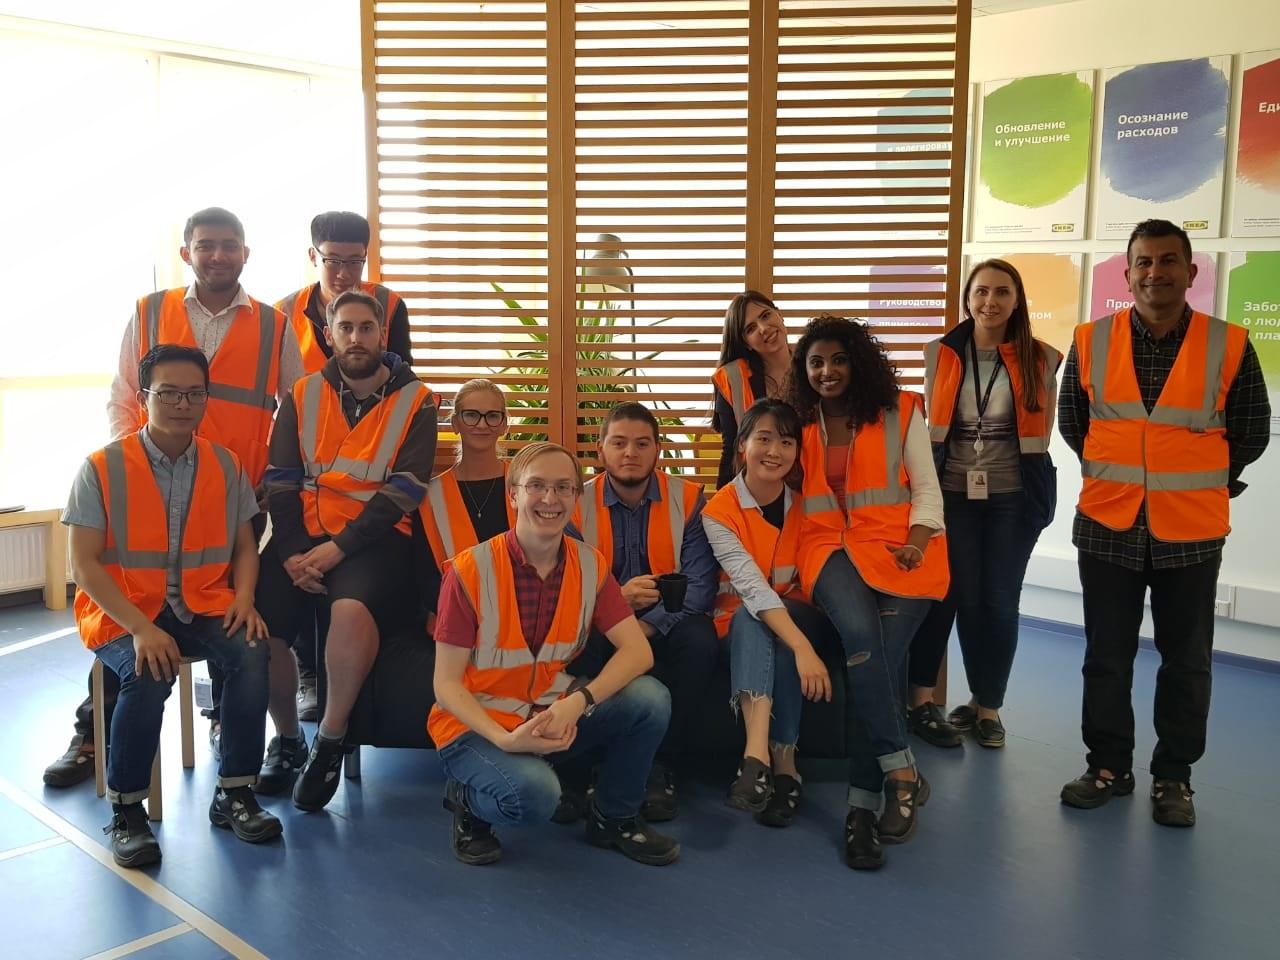 Студенты ИПМЭиТ побывали на фабрике IKEA в Великом Новгороде